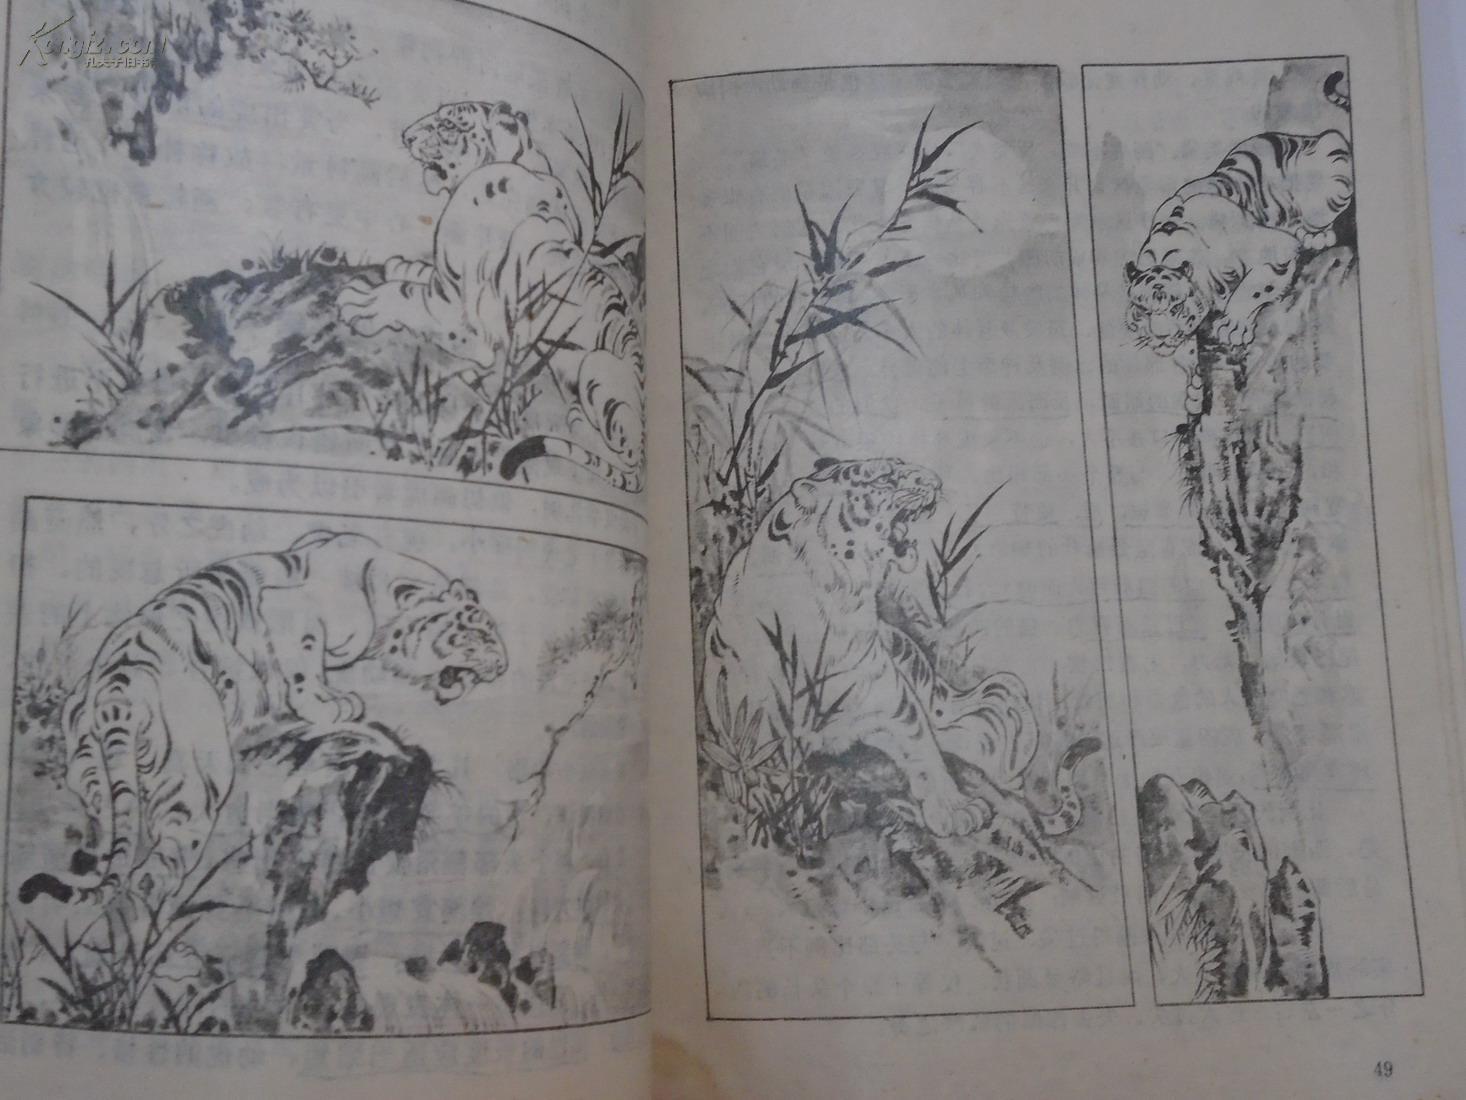 【图】牛德光著】老虎画法